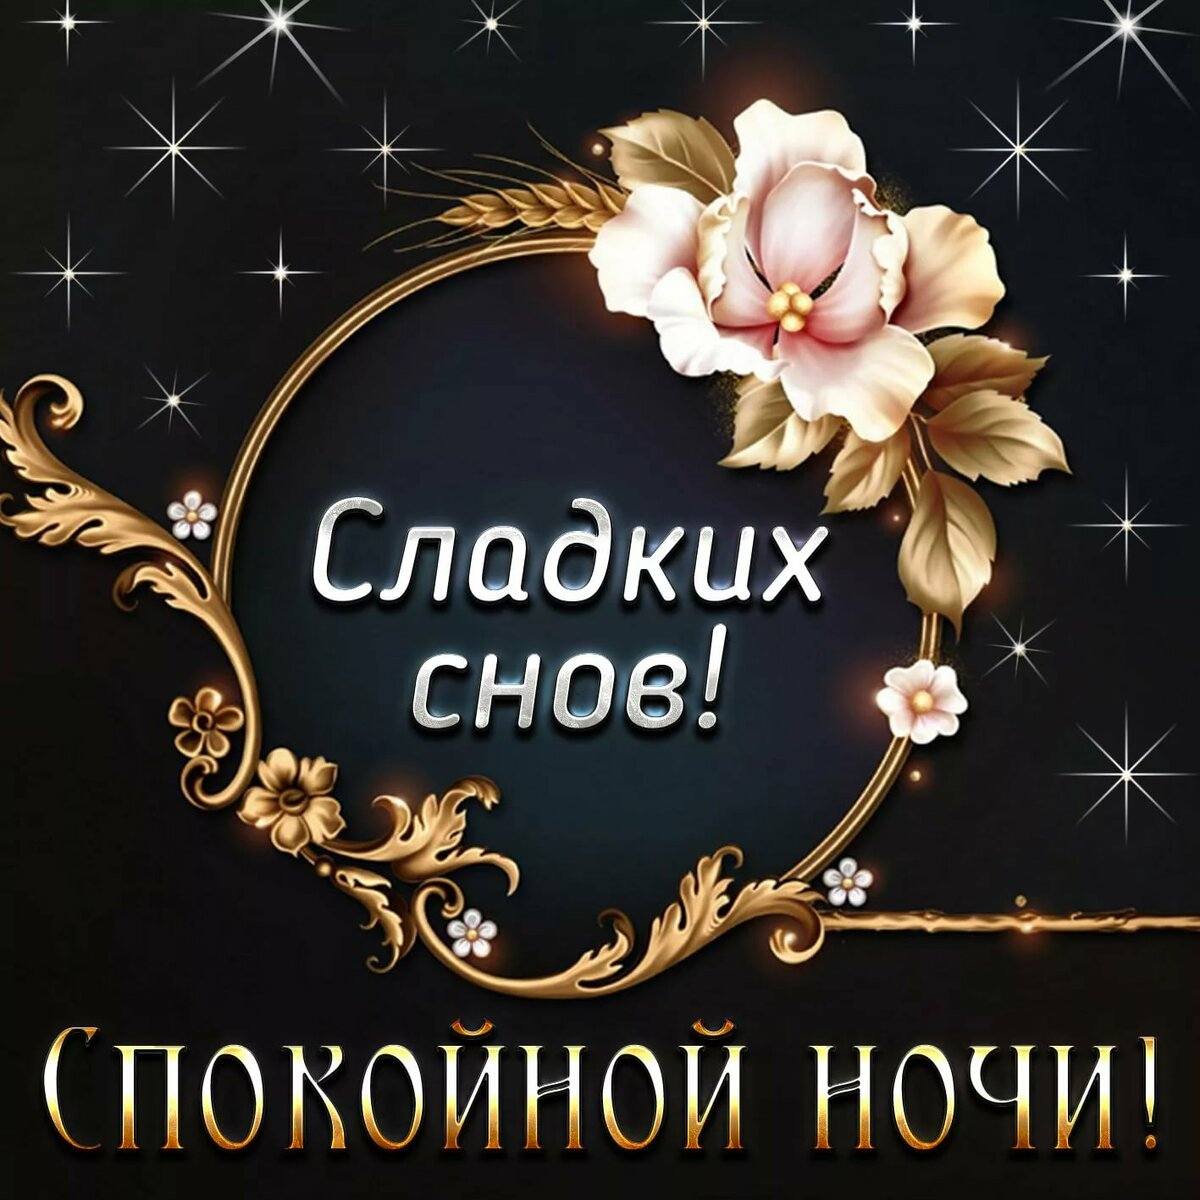 Открытки пожелание спокойной ночи женщине, крещения руси